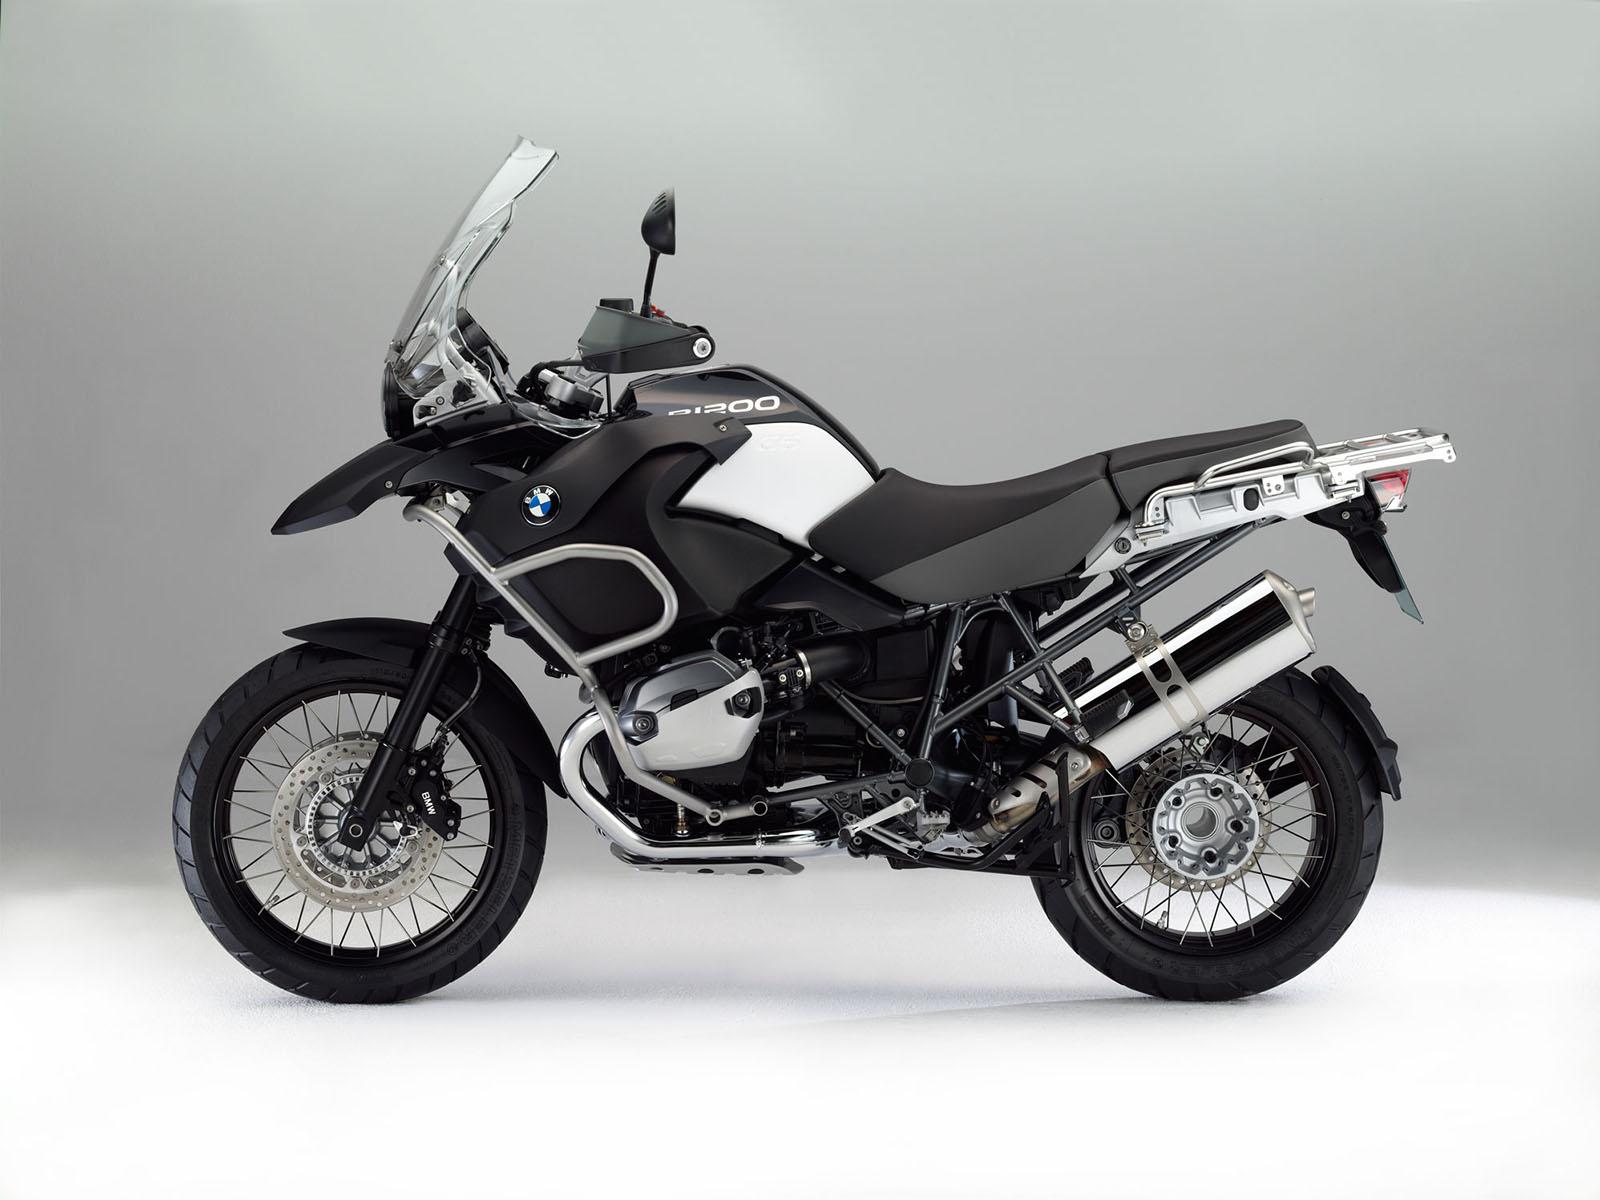 http://4.bp.blogspot.com/-cA1u8jBl98g/TthjNPVY8sI/AAAAAAAABFg/V6RCRxRzbuw/s1600/2012+BMW+R1200GS+Adventure+Triple+Black.jpg